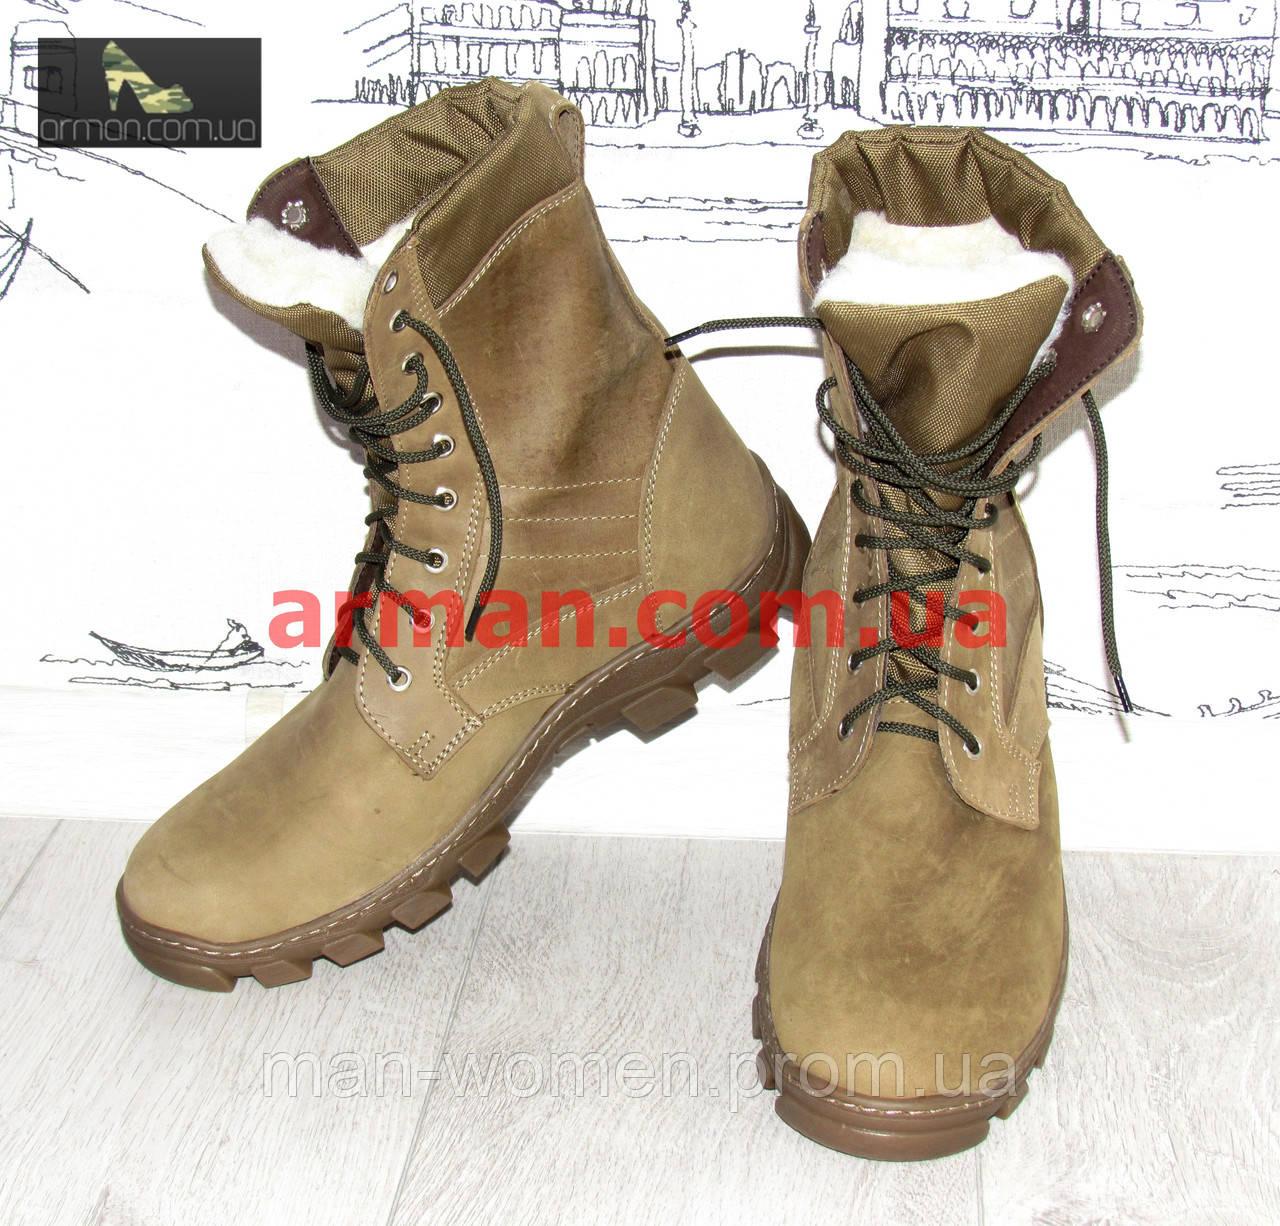 Зимние ботинки, берцы на меху, военная обувь! Размеры 40-45 ... b8131075c38